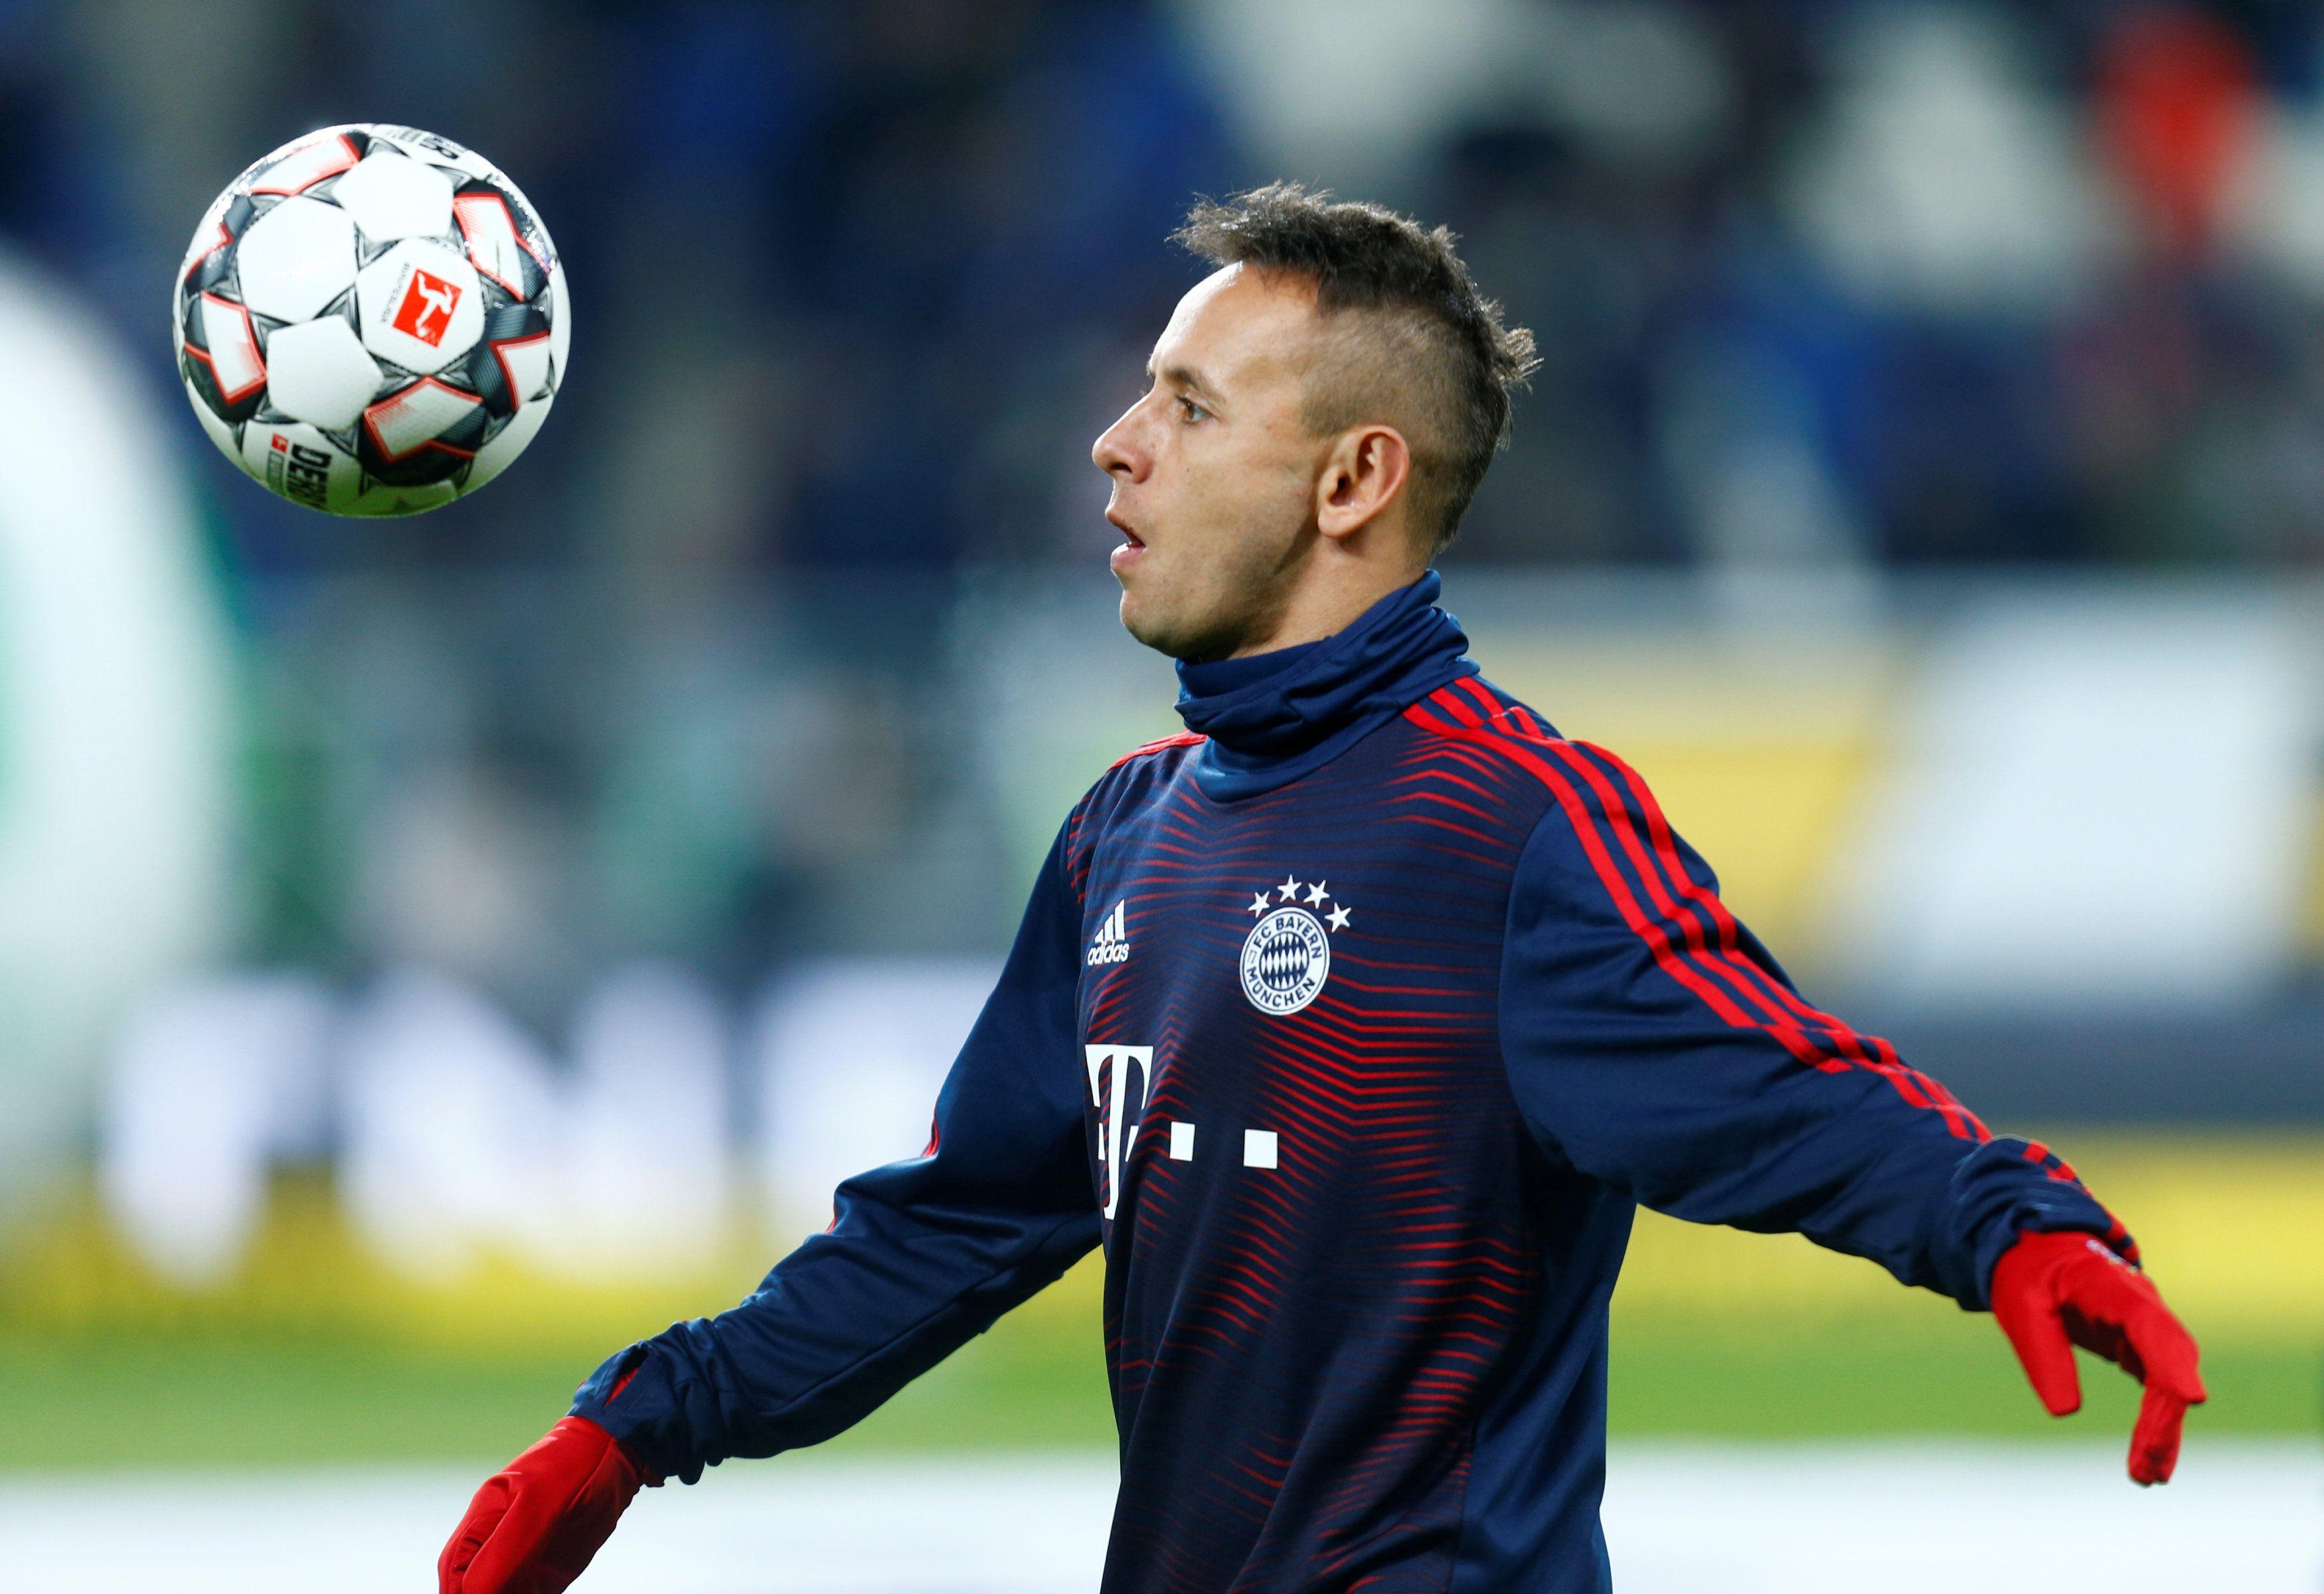 El lateral, en su paso por el Bayern Múnich, donde consiguió 18 títulos (REUTERS/Ralph Orlowski)